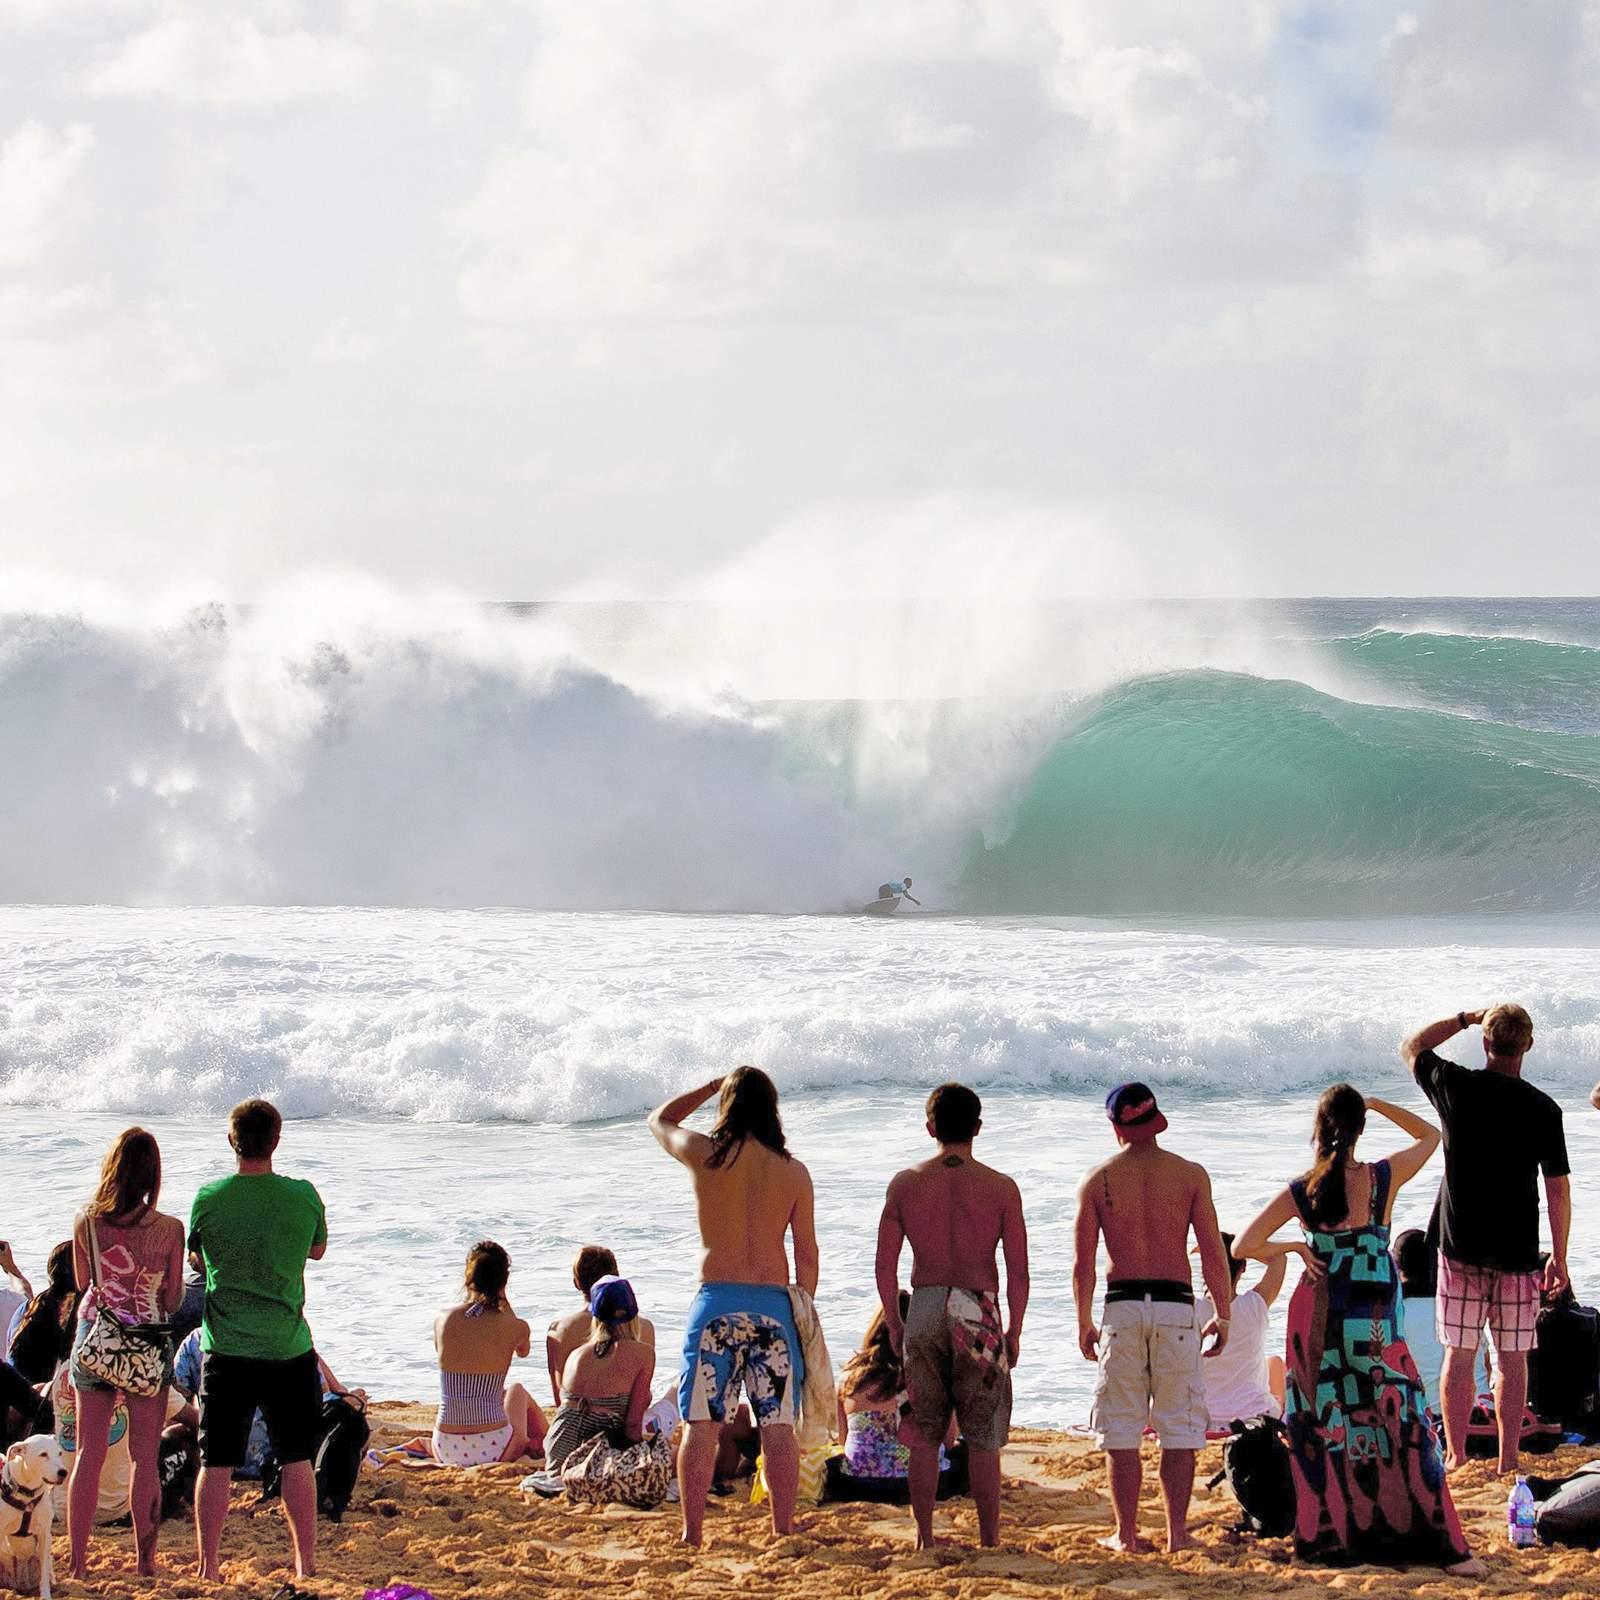 Zuschauer beim Vans Triple Crown Surfing Event auf Oahu, Hawaii